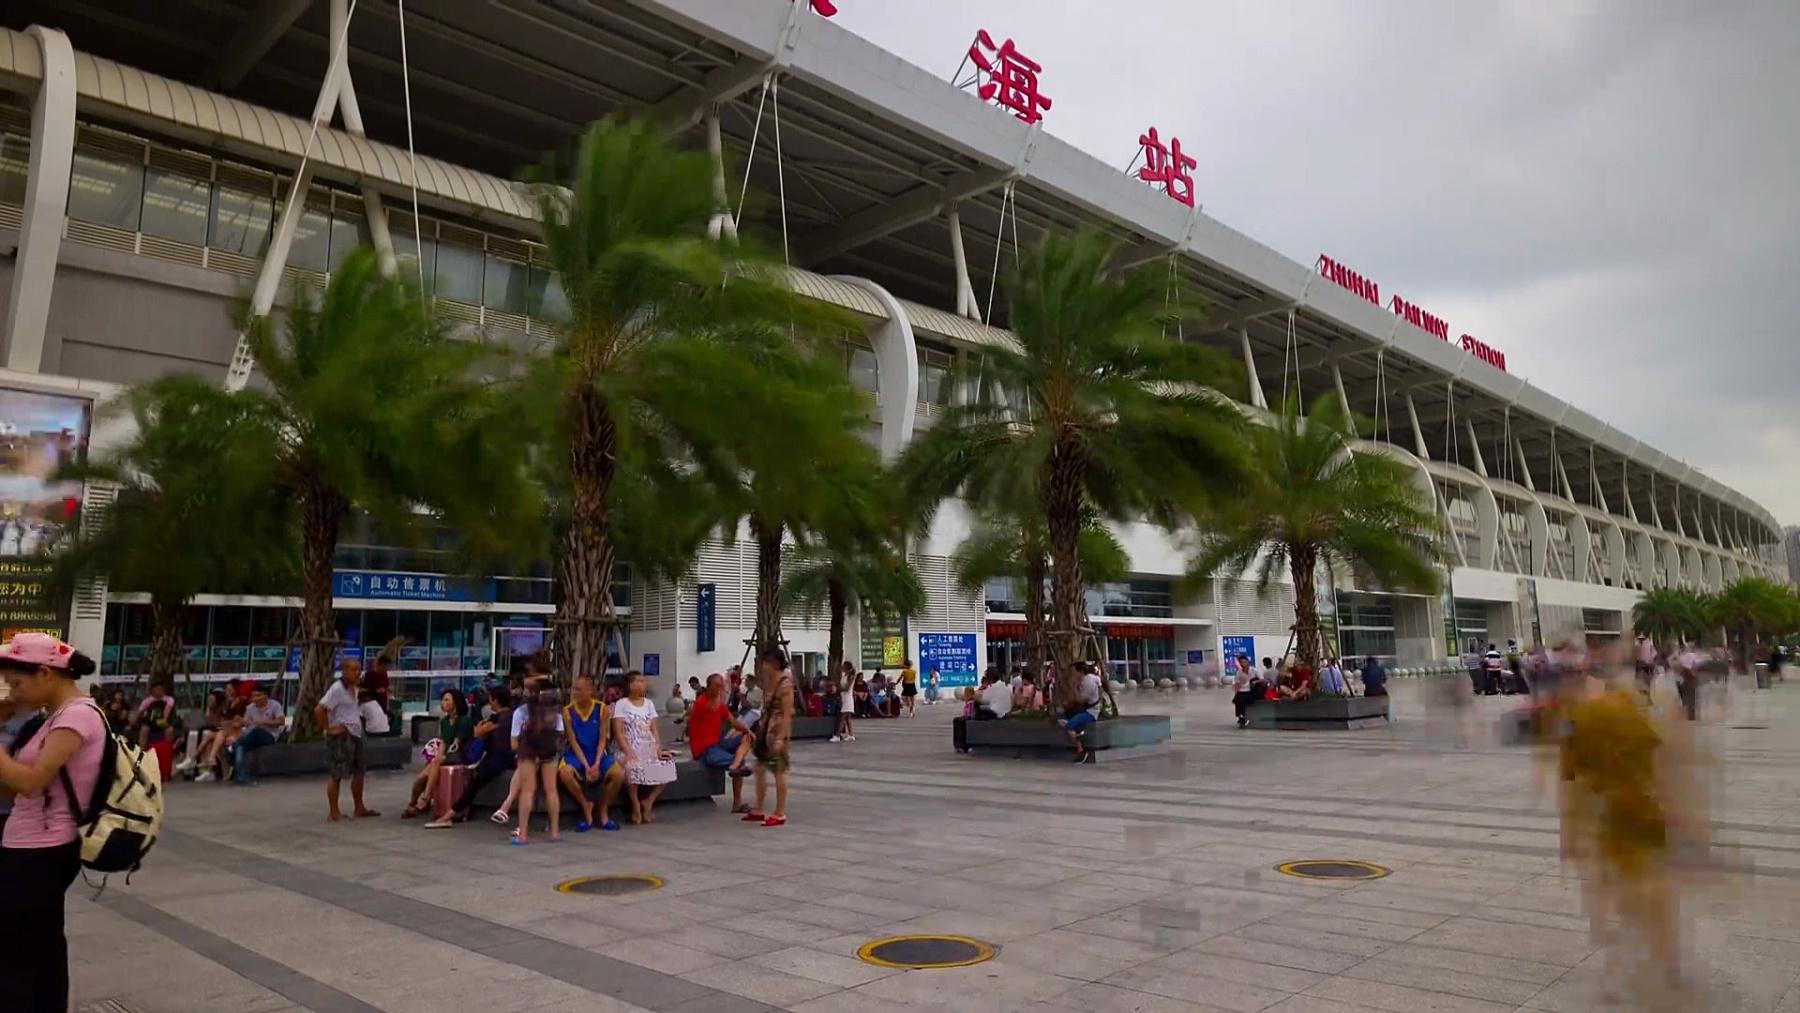 日珠海火车站广场拥挤全景  timelapse China